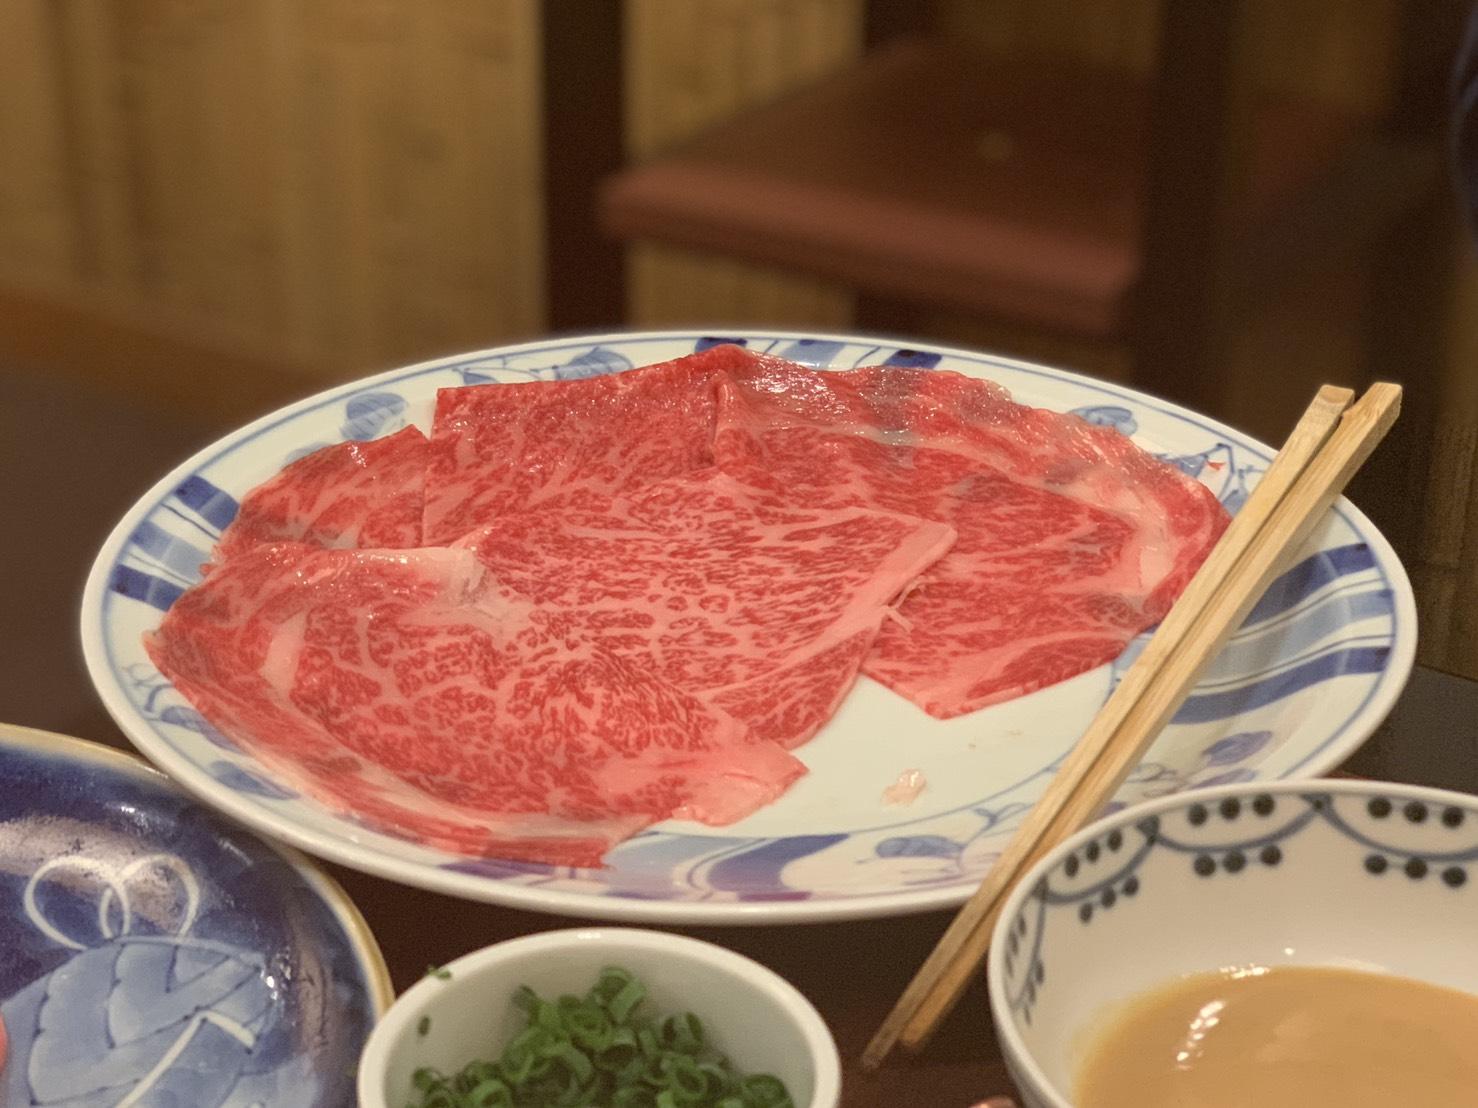 說到淺草的壽喜燒店,幾乎大家都會提及淺草今半。